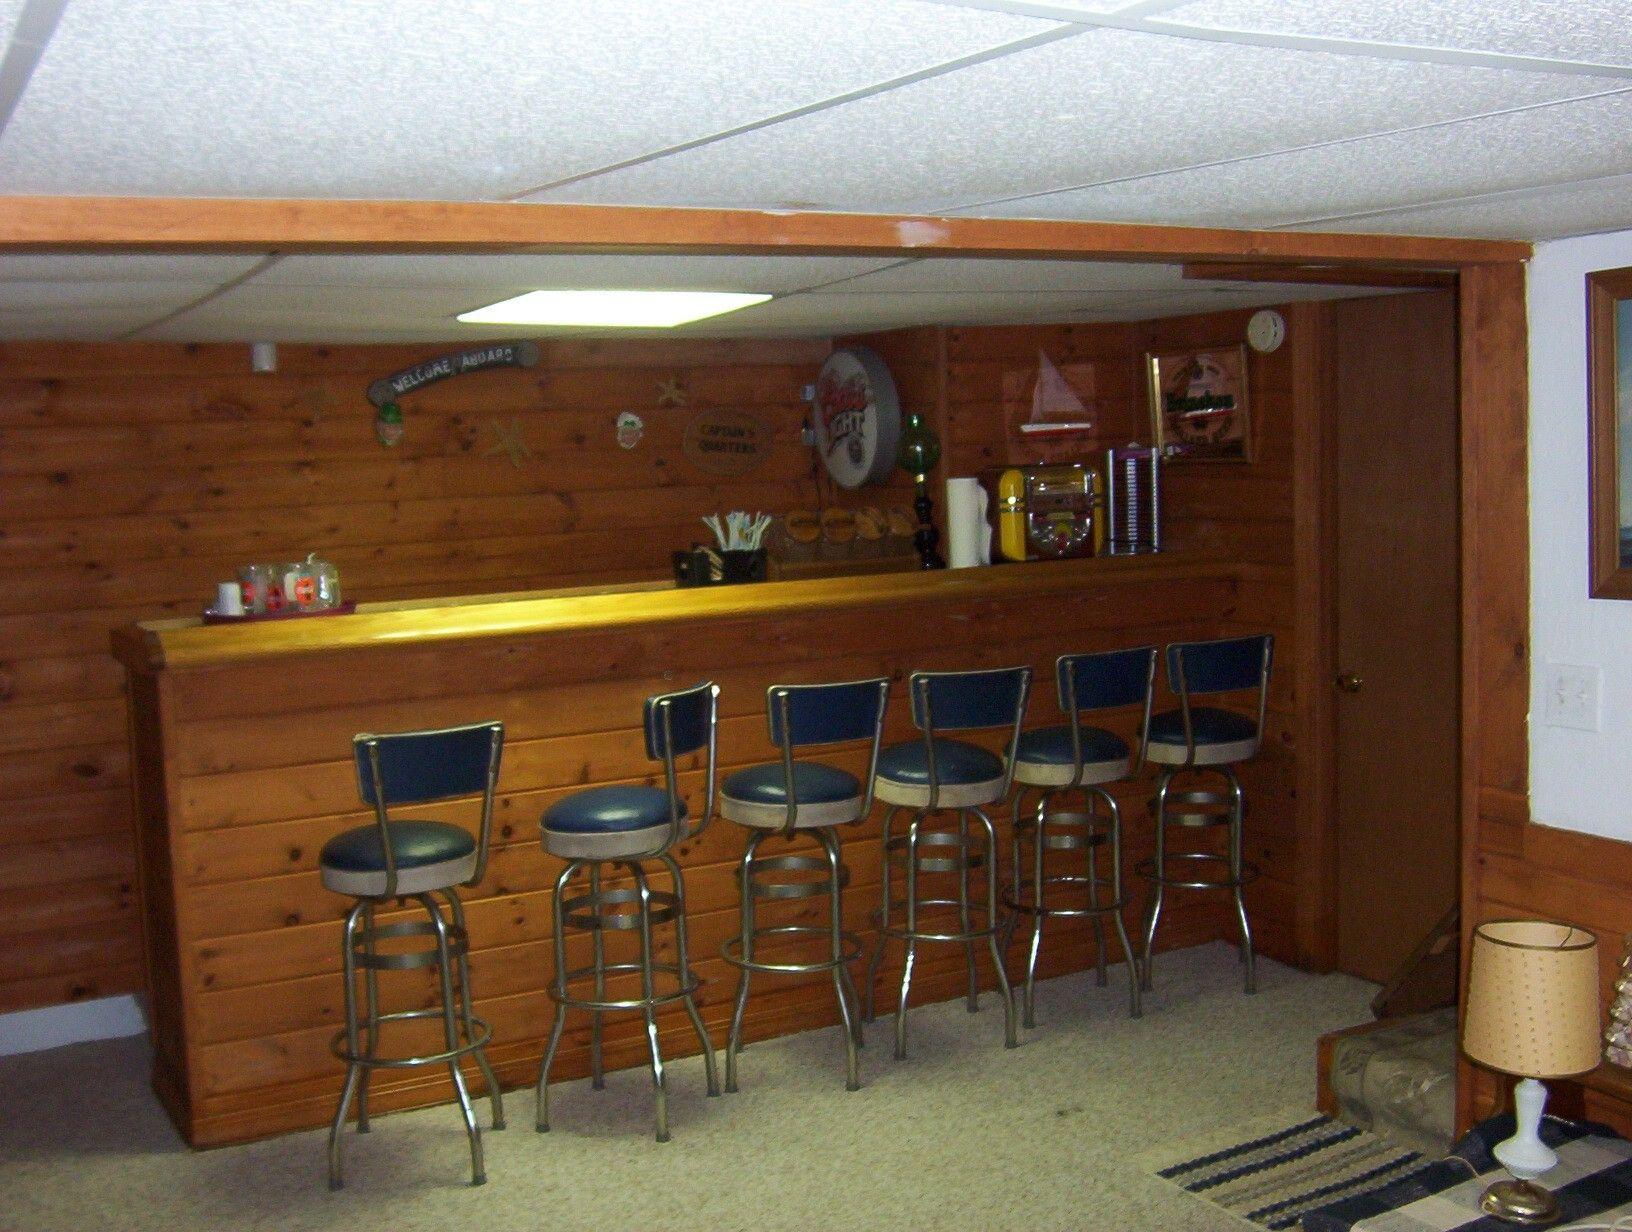 Basement Bar Ideas Cheap Basement Bar Ideas Pinterest Basement Bar Ideas  Modern Basement Bar Ideas Small